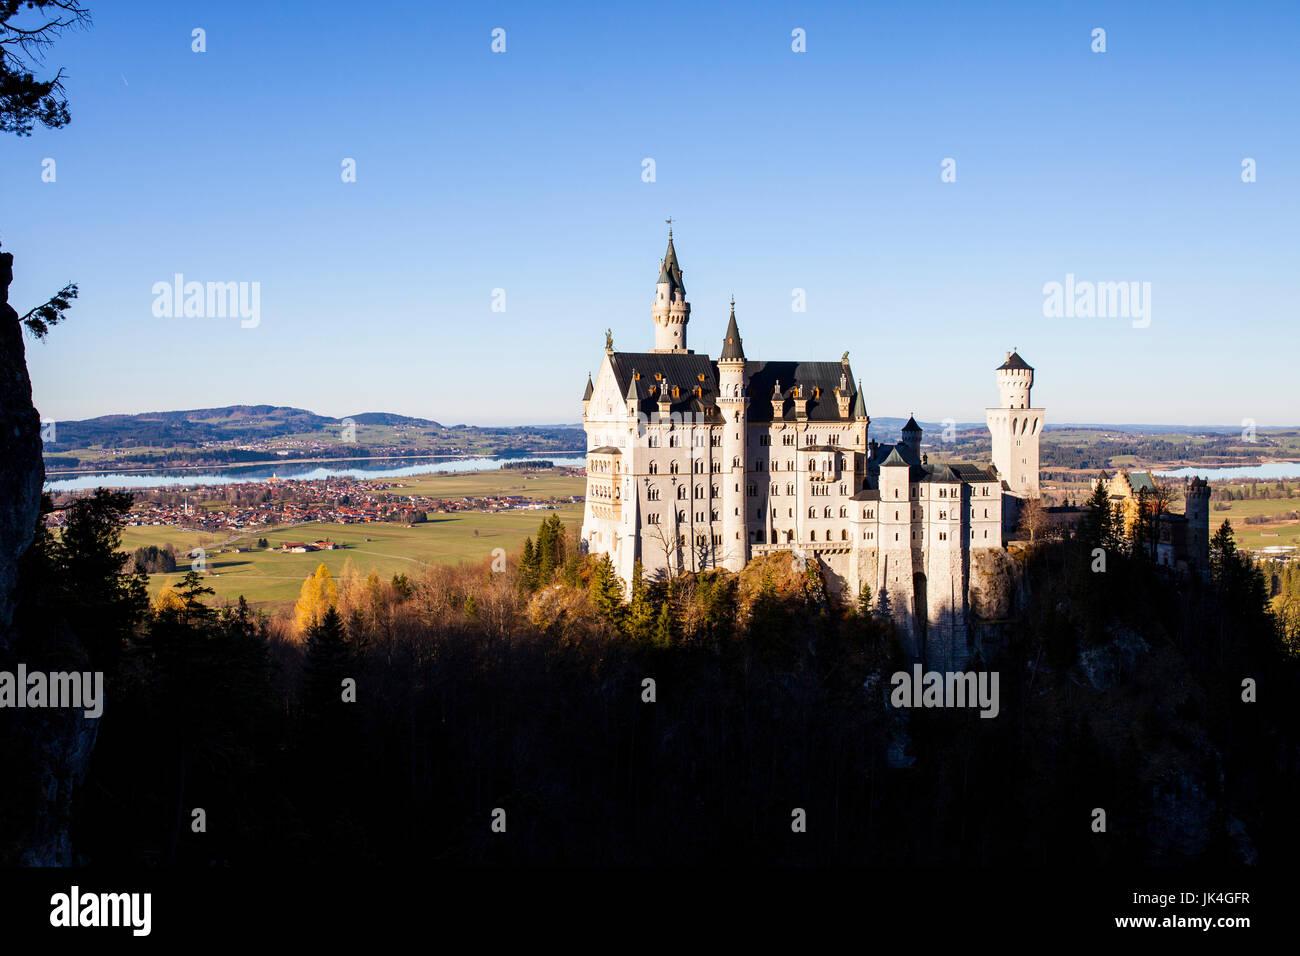 Neuschweinstein Castle - Stock Image